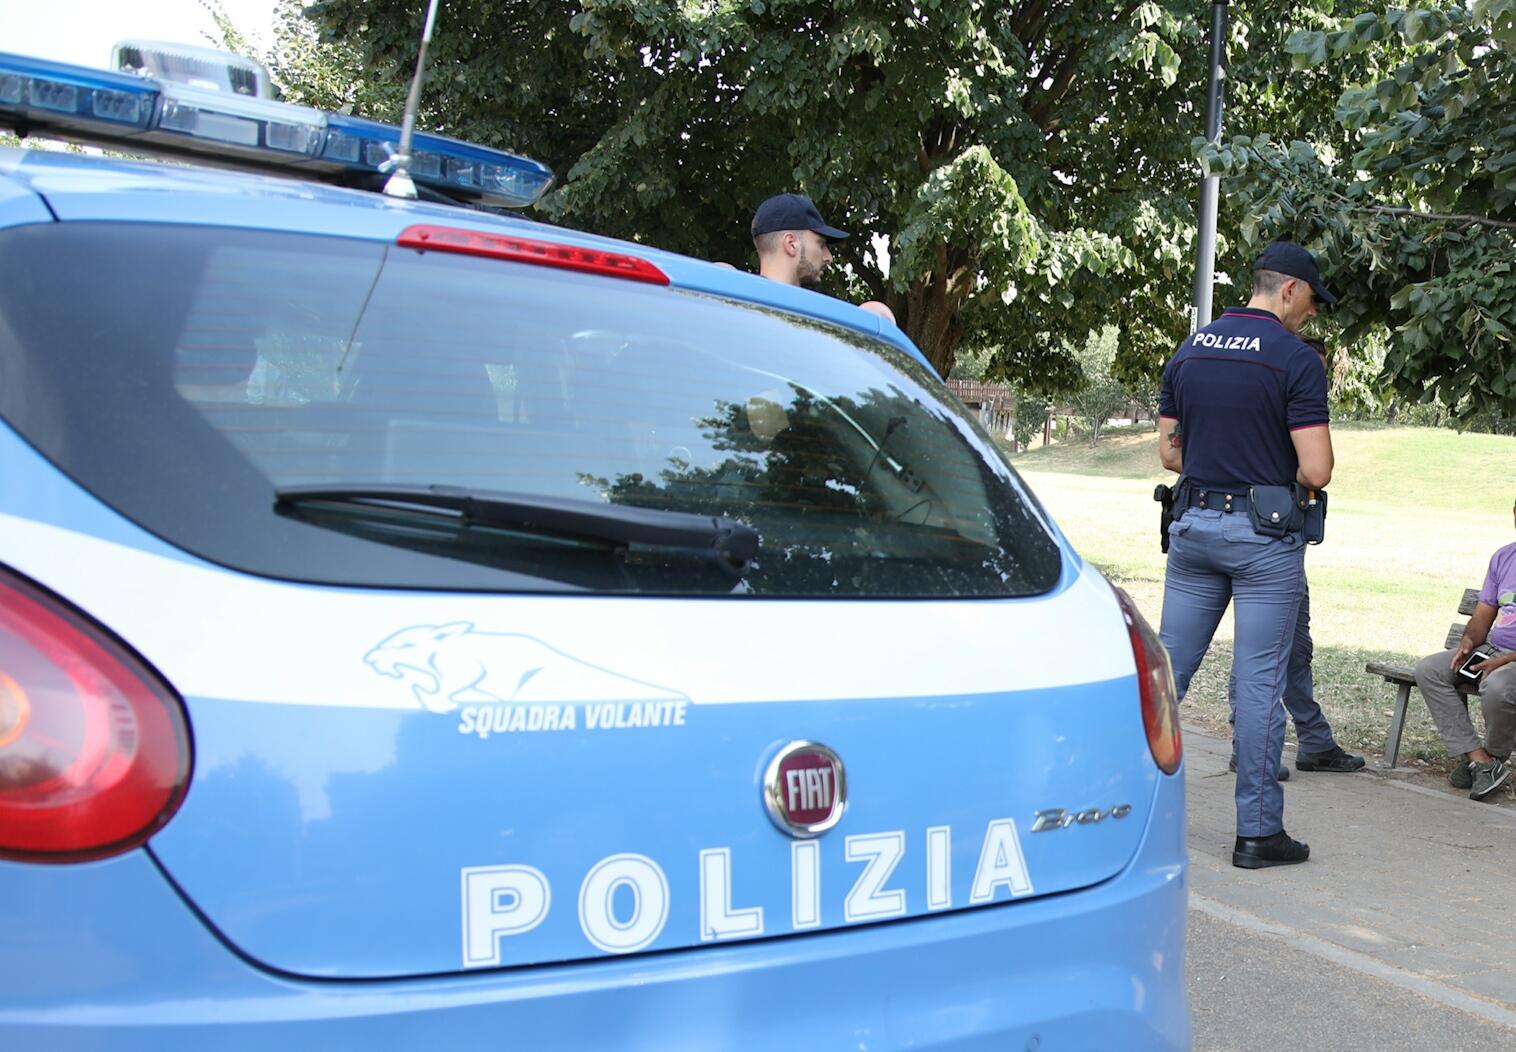 La Polizia Di Stato Intensifica I Controlli Arrestato Un Latitante Moldavo